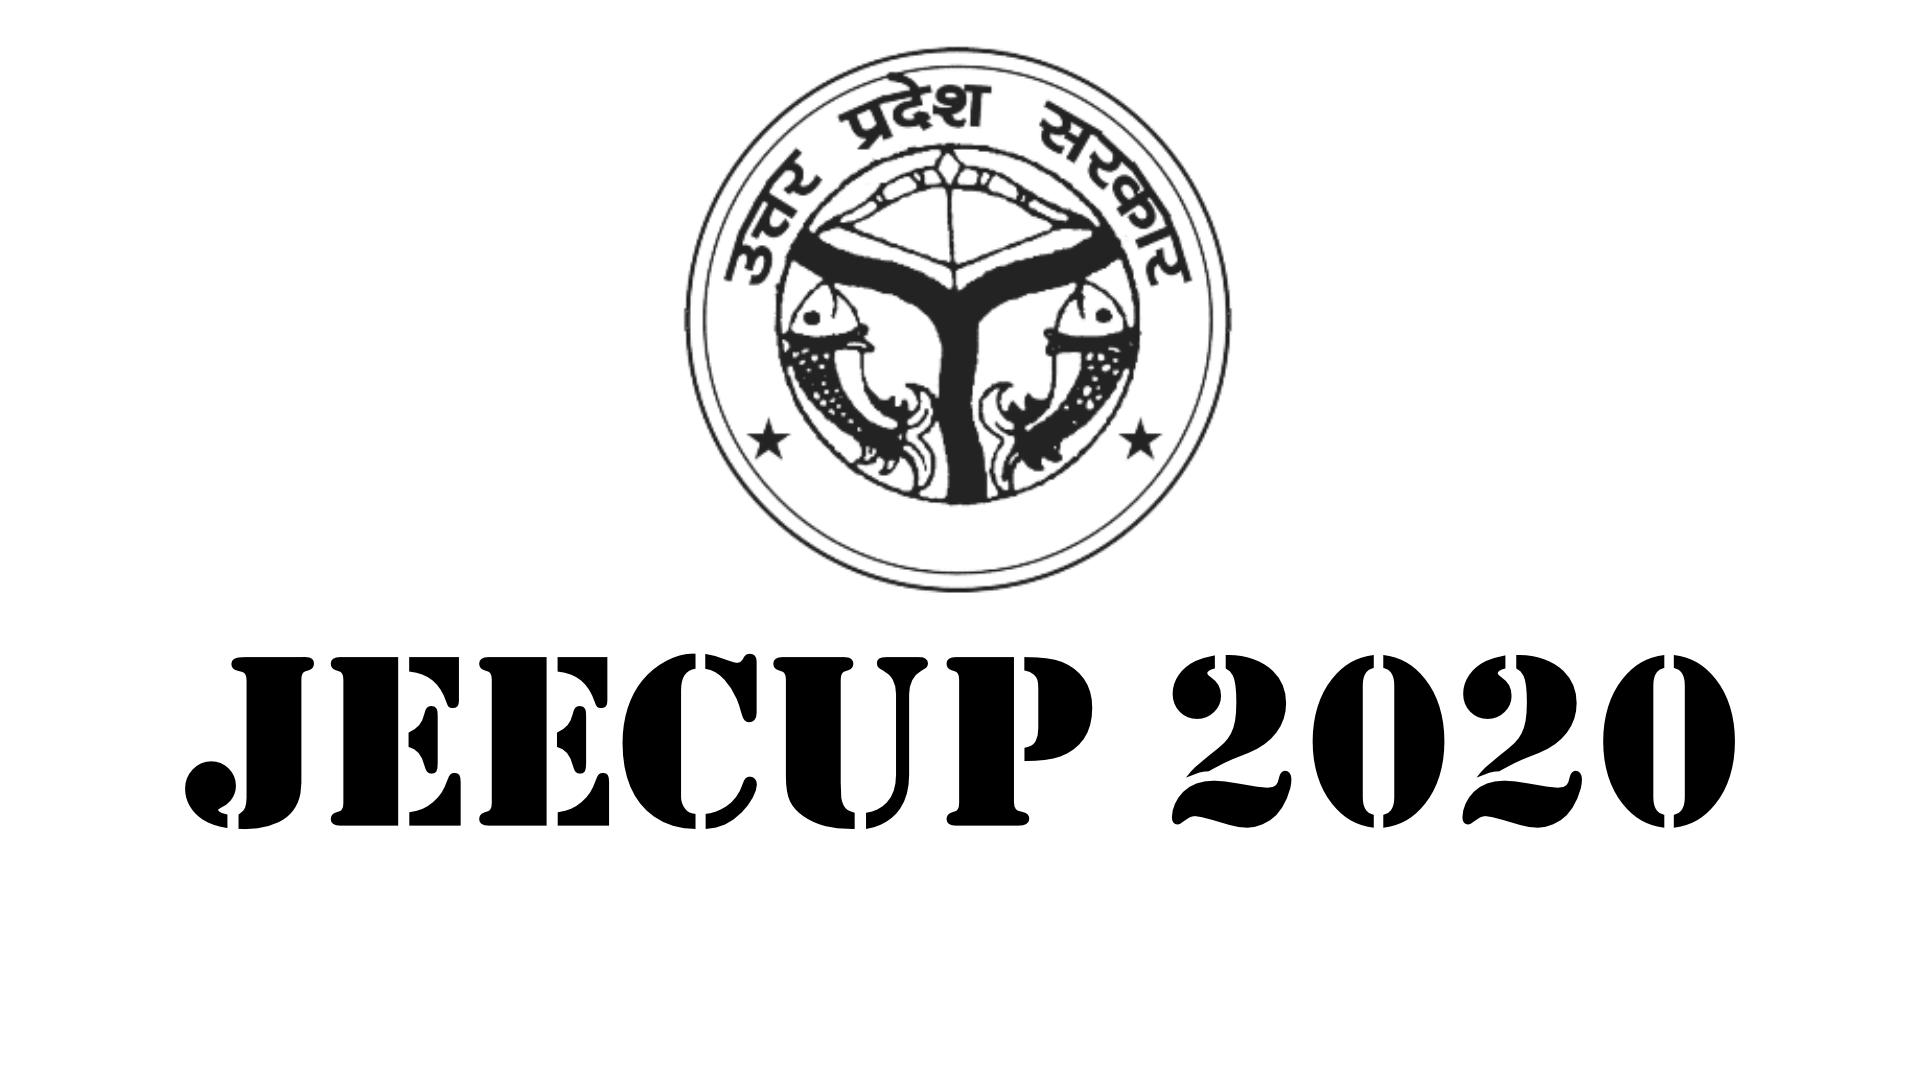 JEECUP 2020